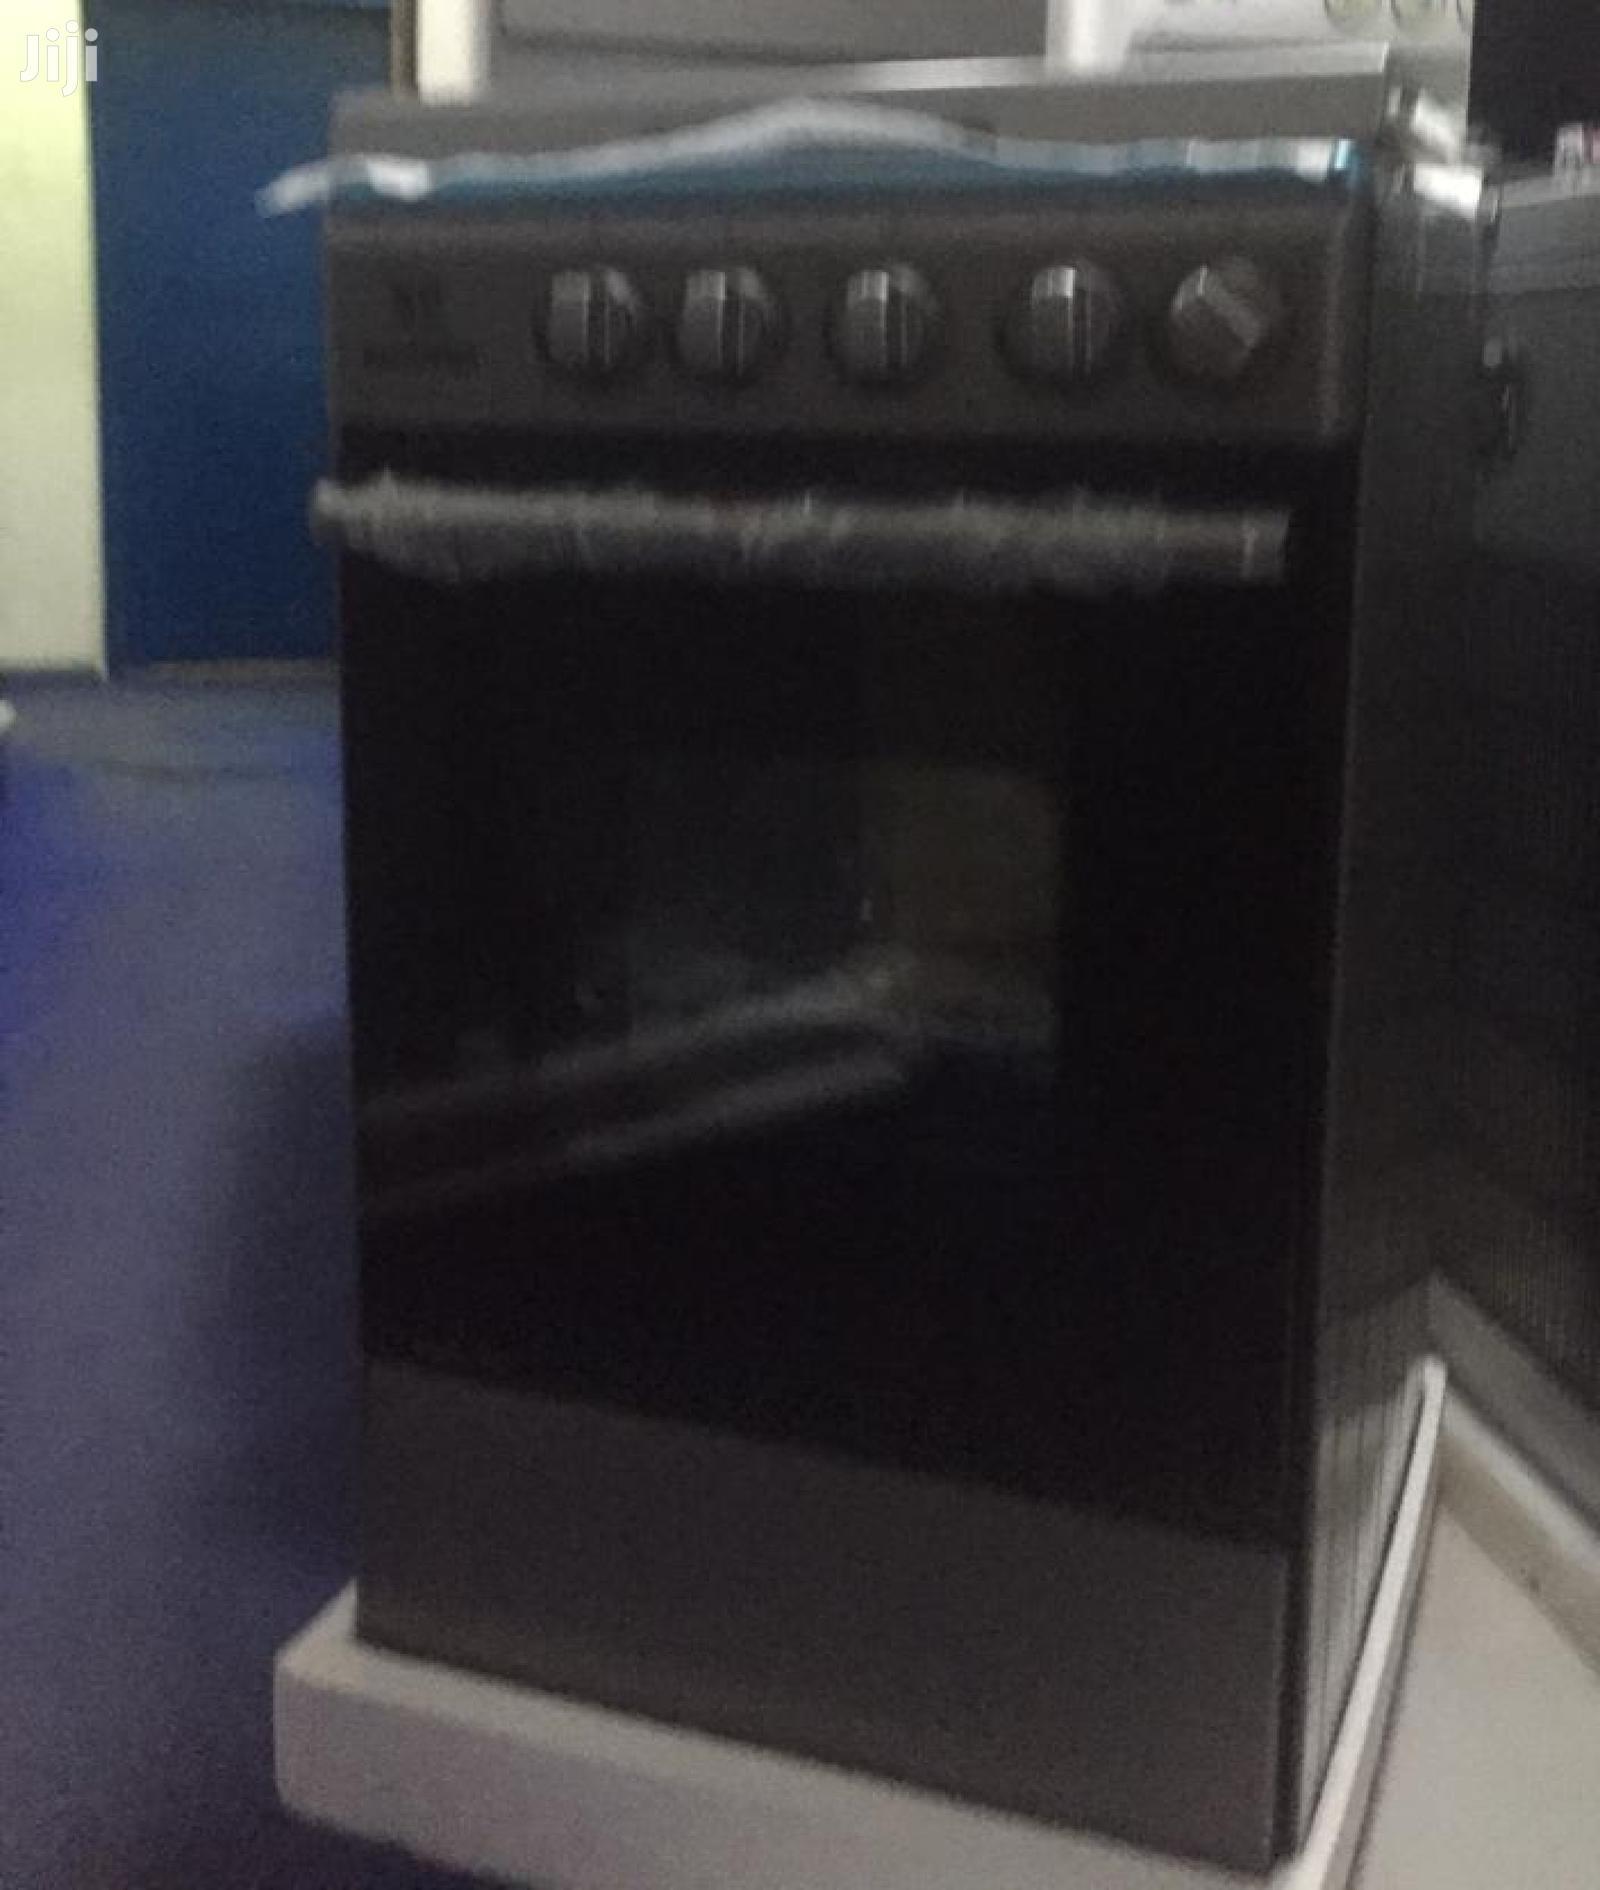 Nasco 4 Burner Oven & Grill Gas Cooker